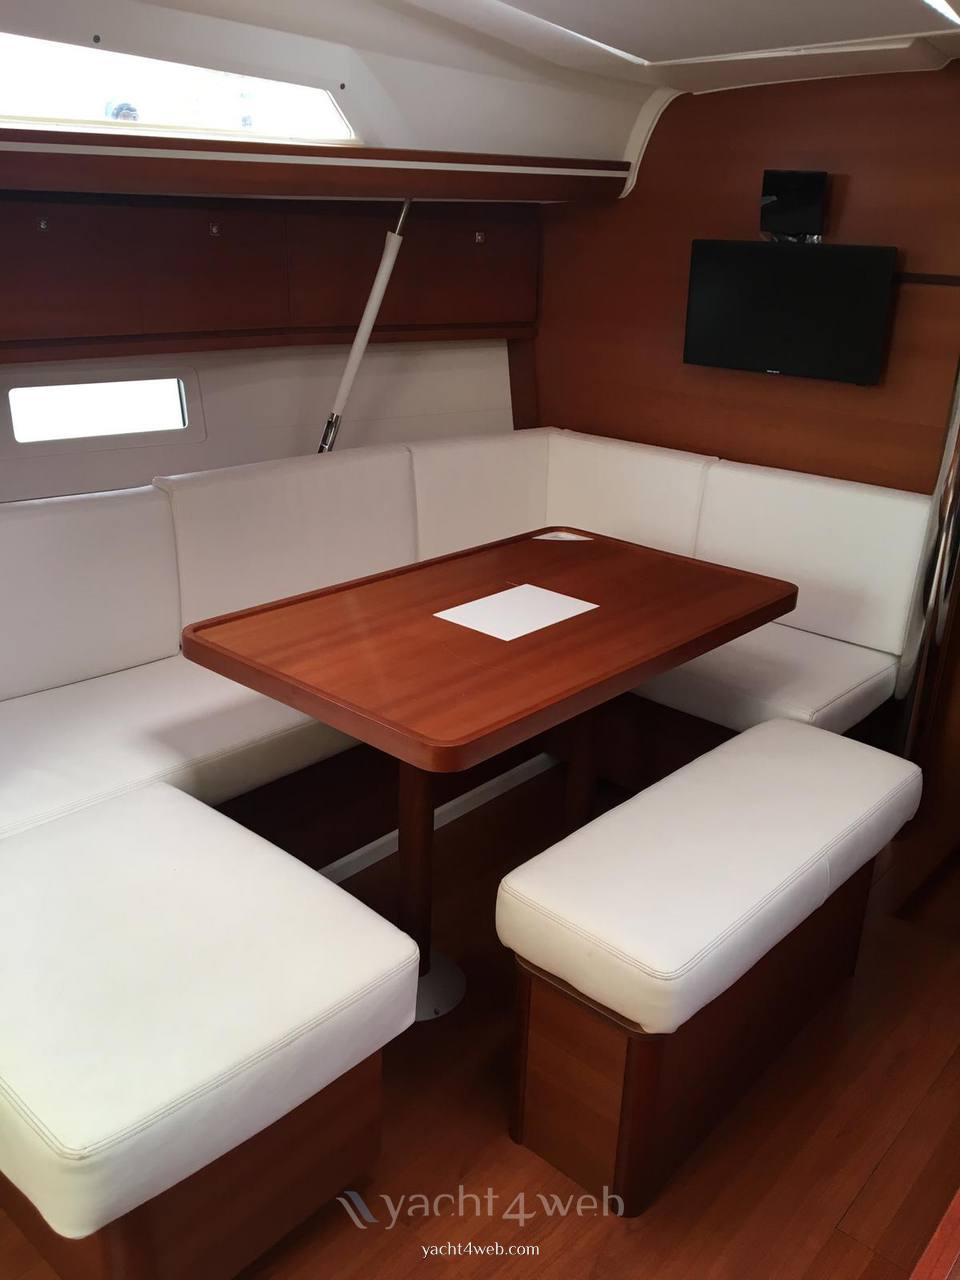 Dufour Yachts 410 grandlarge Vela